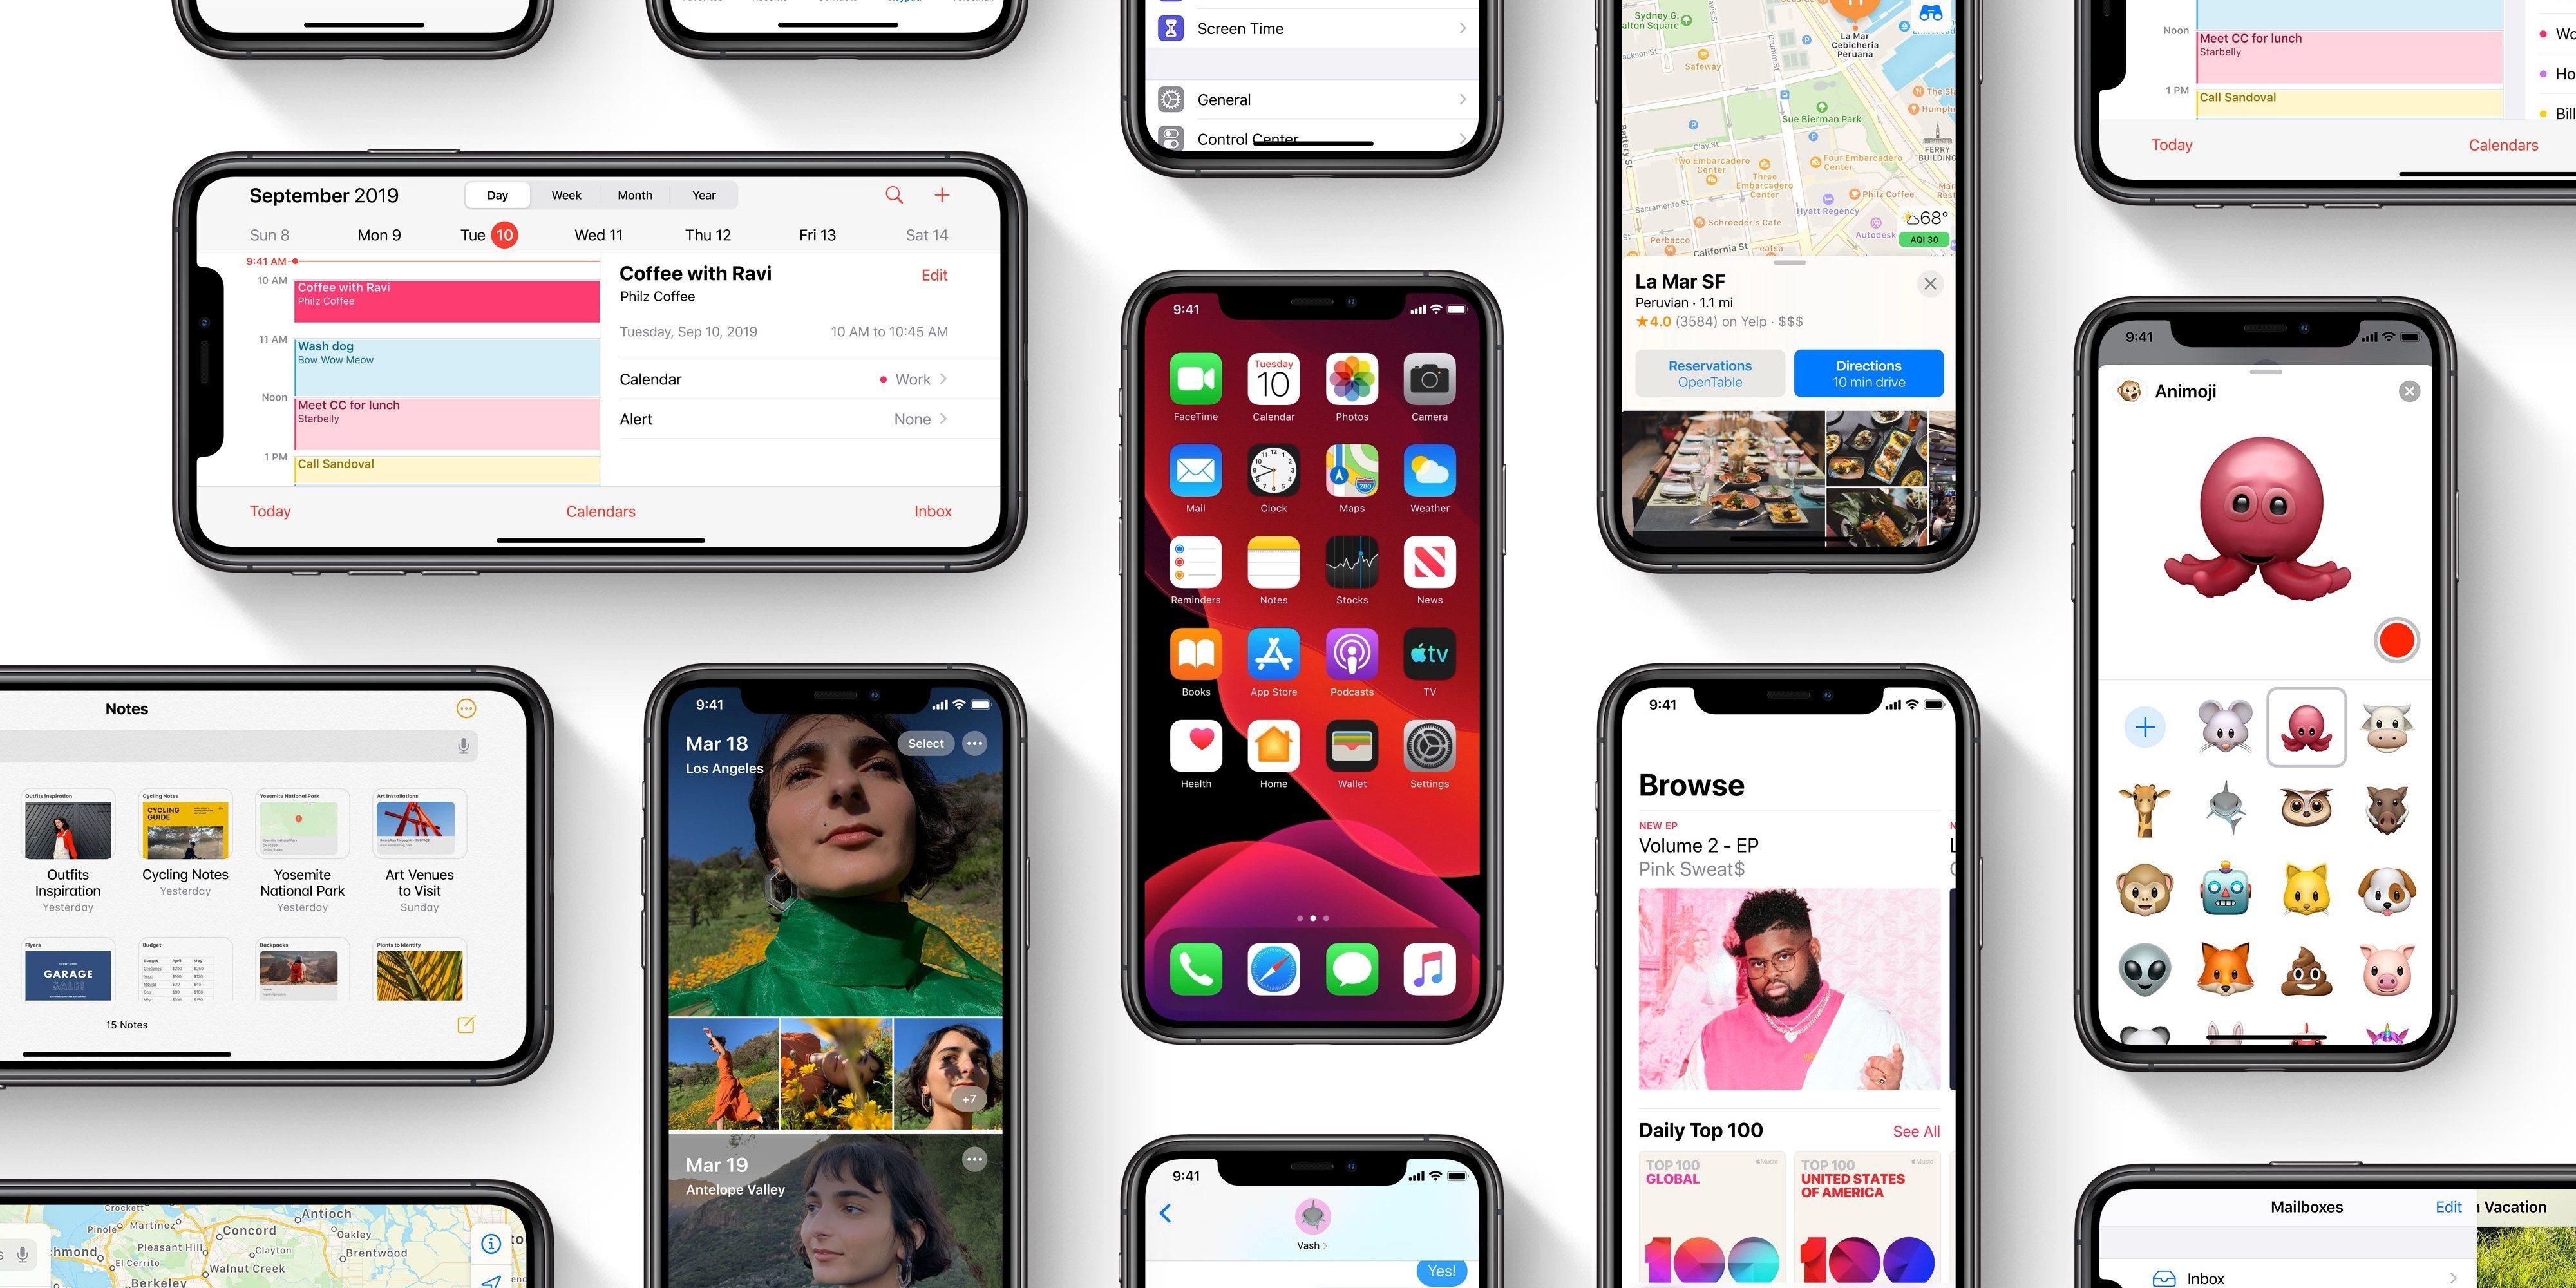 50% iPhone trên thị trường đang sử dụng iOS 13, 33% đối với iPadOS